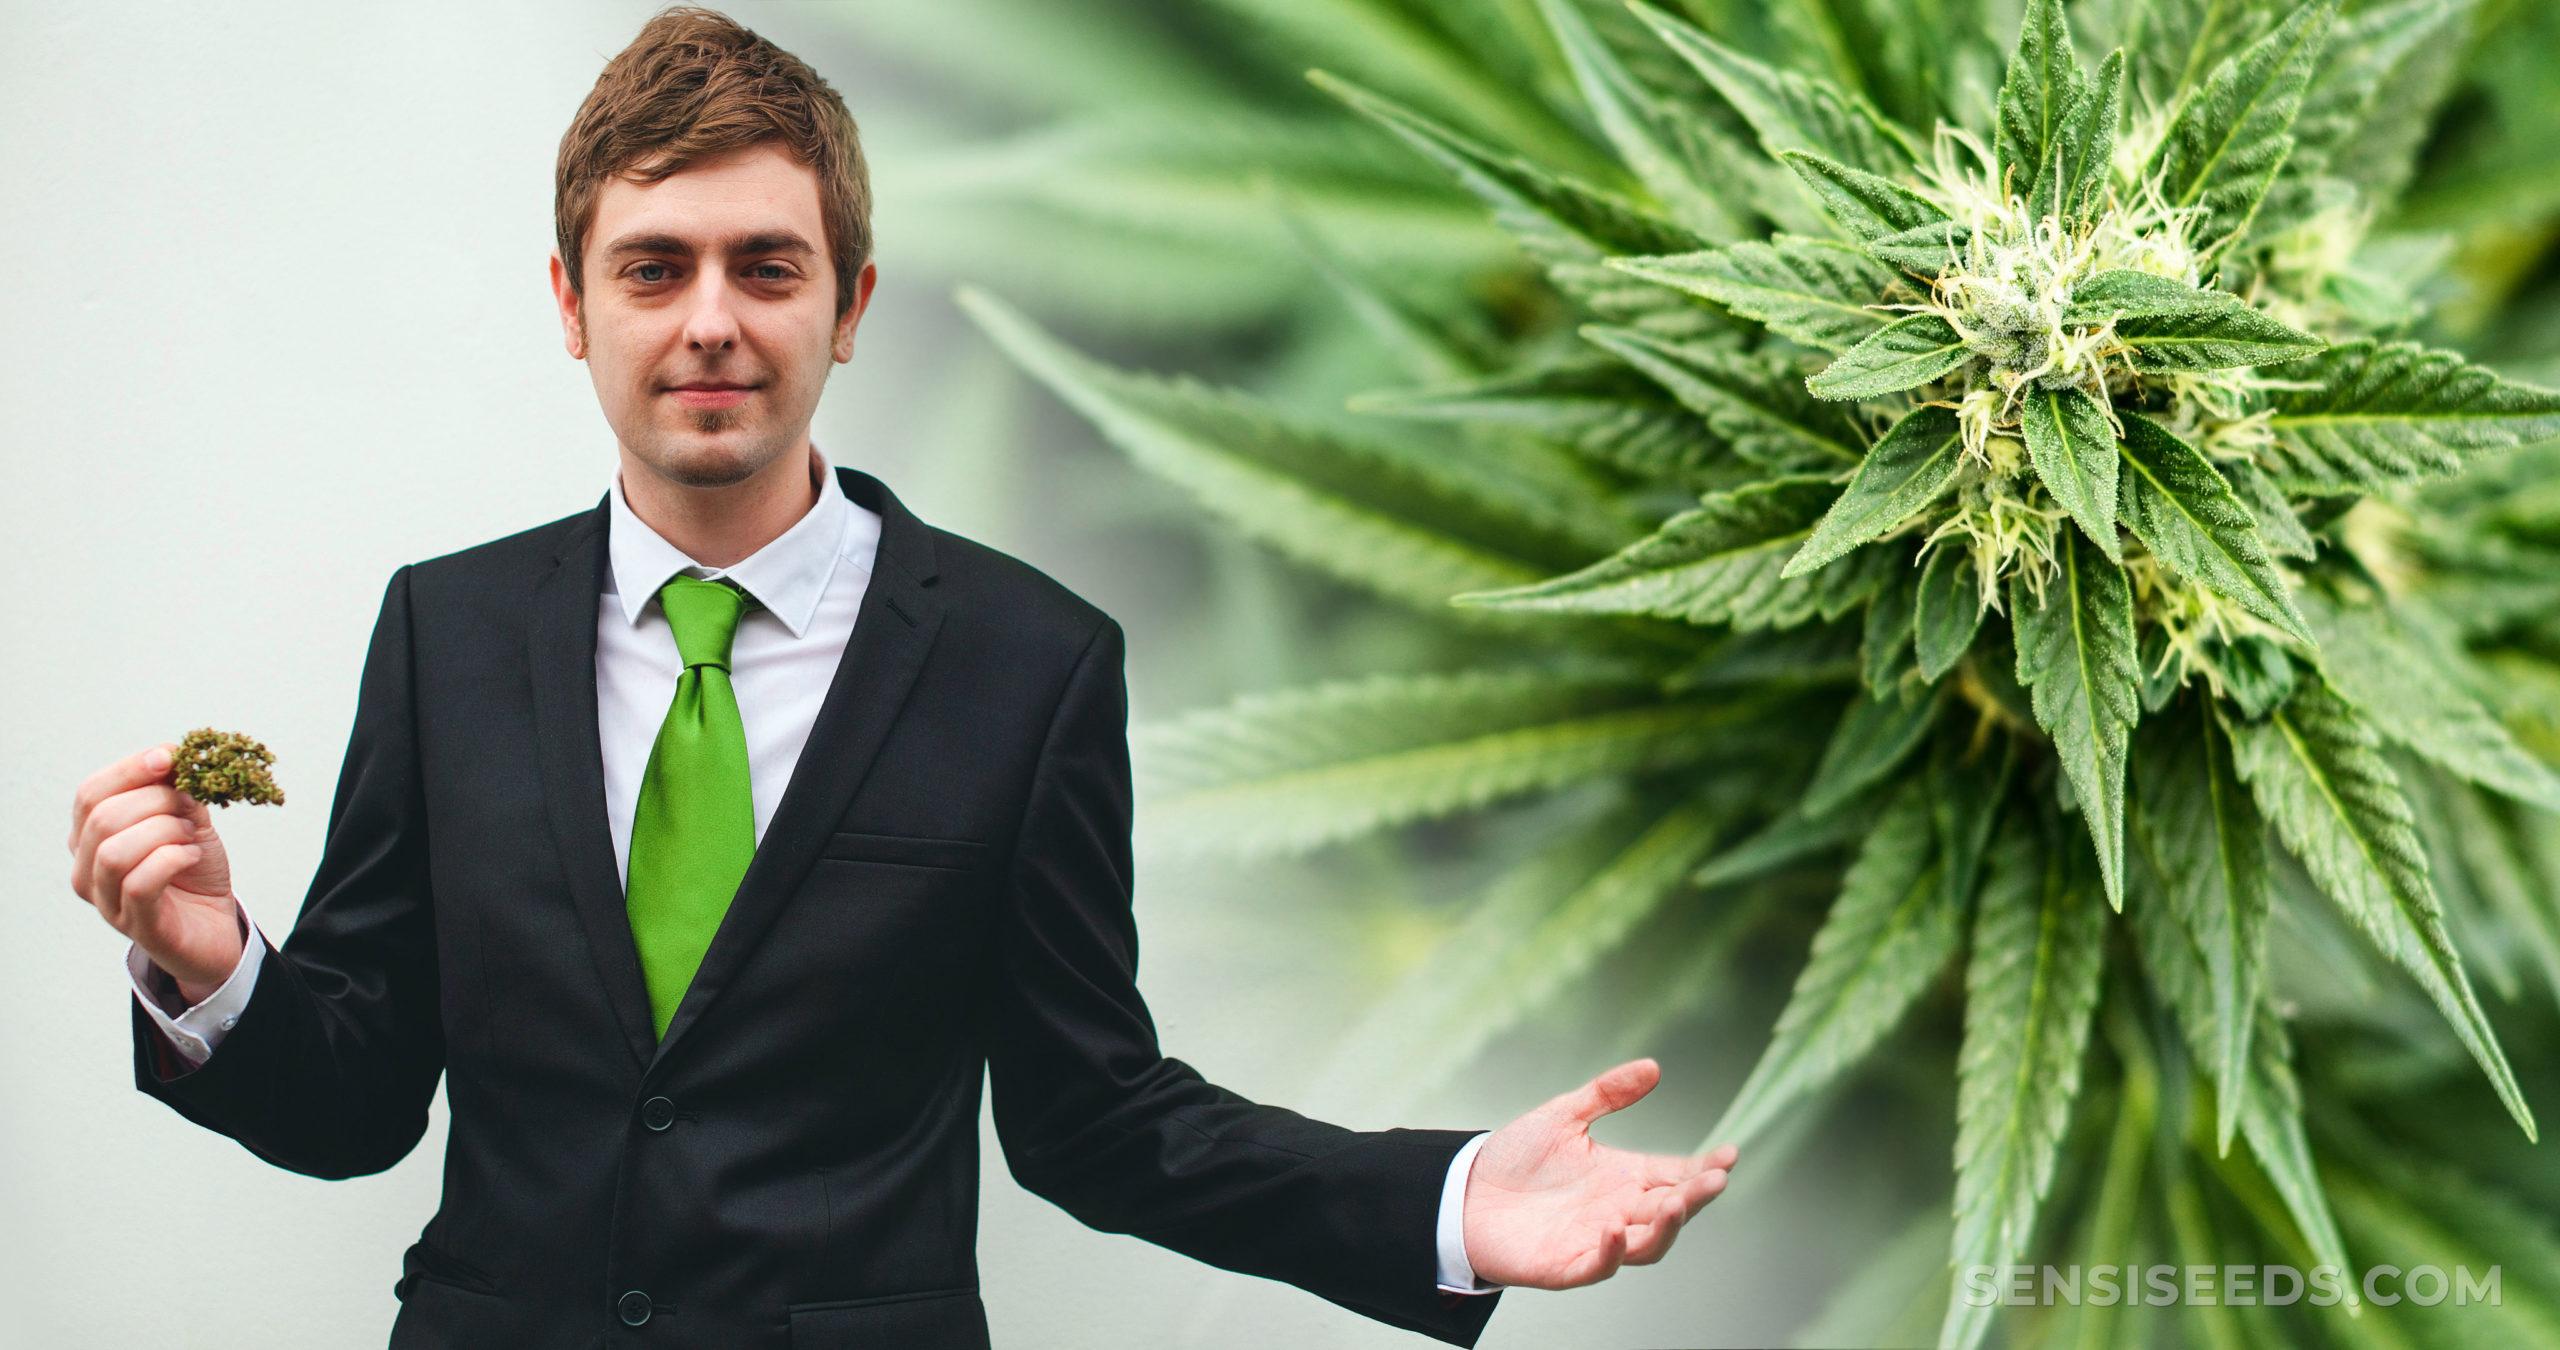 Ein Mann in einem Anzug, der einen Cannabis-Knospen- und Cannabis-Werk hält